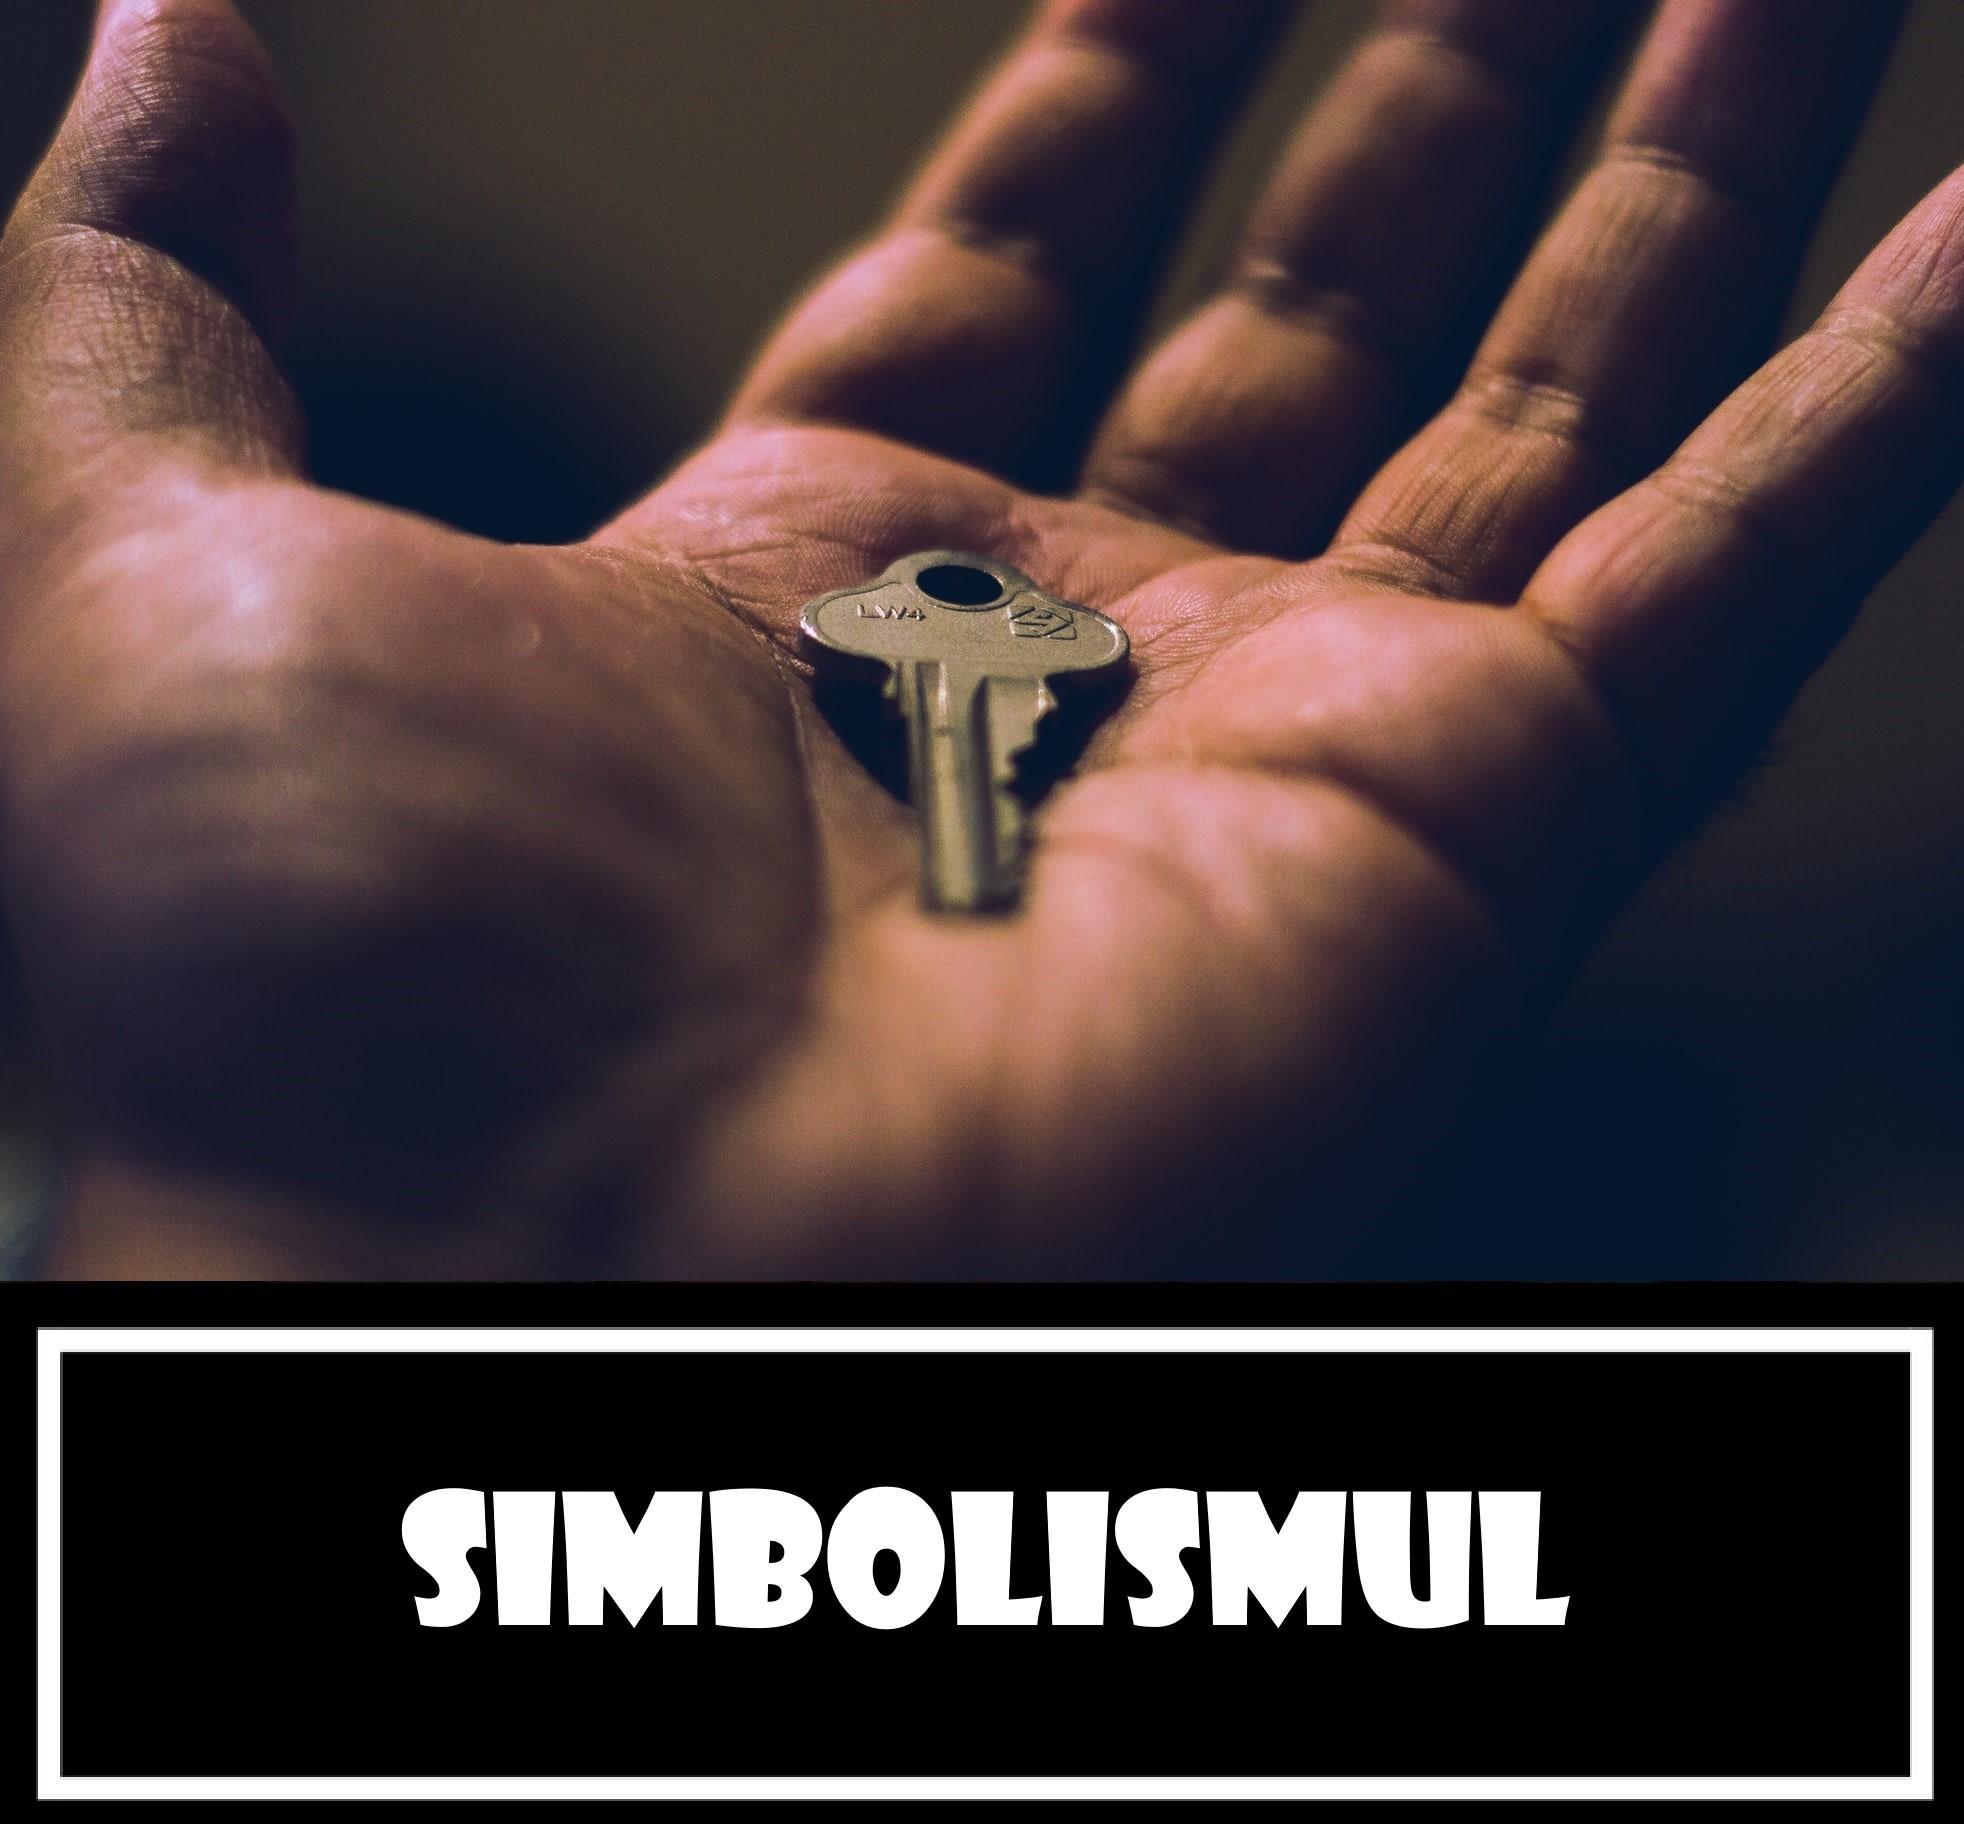 Simbolismul: exemple comune din viață și literatură